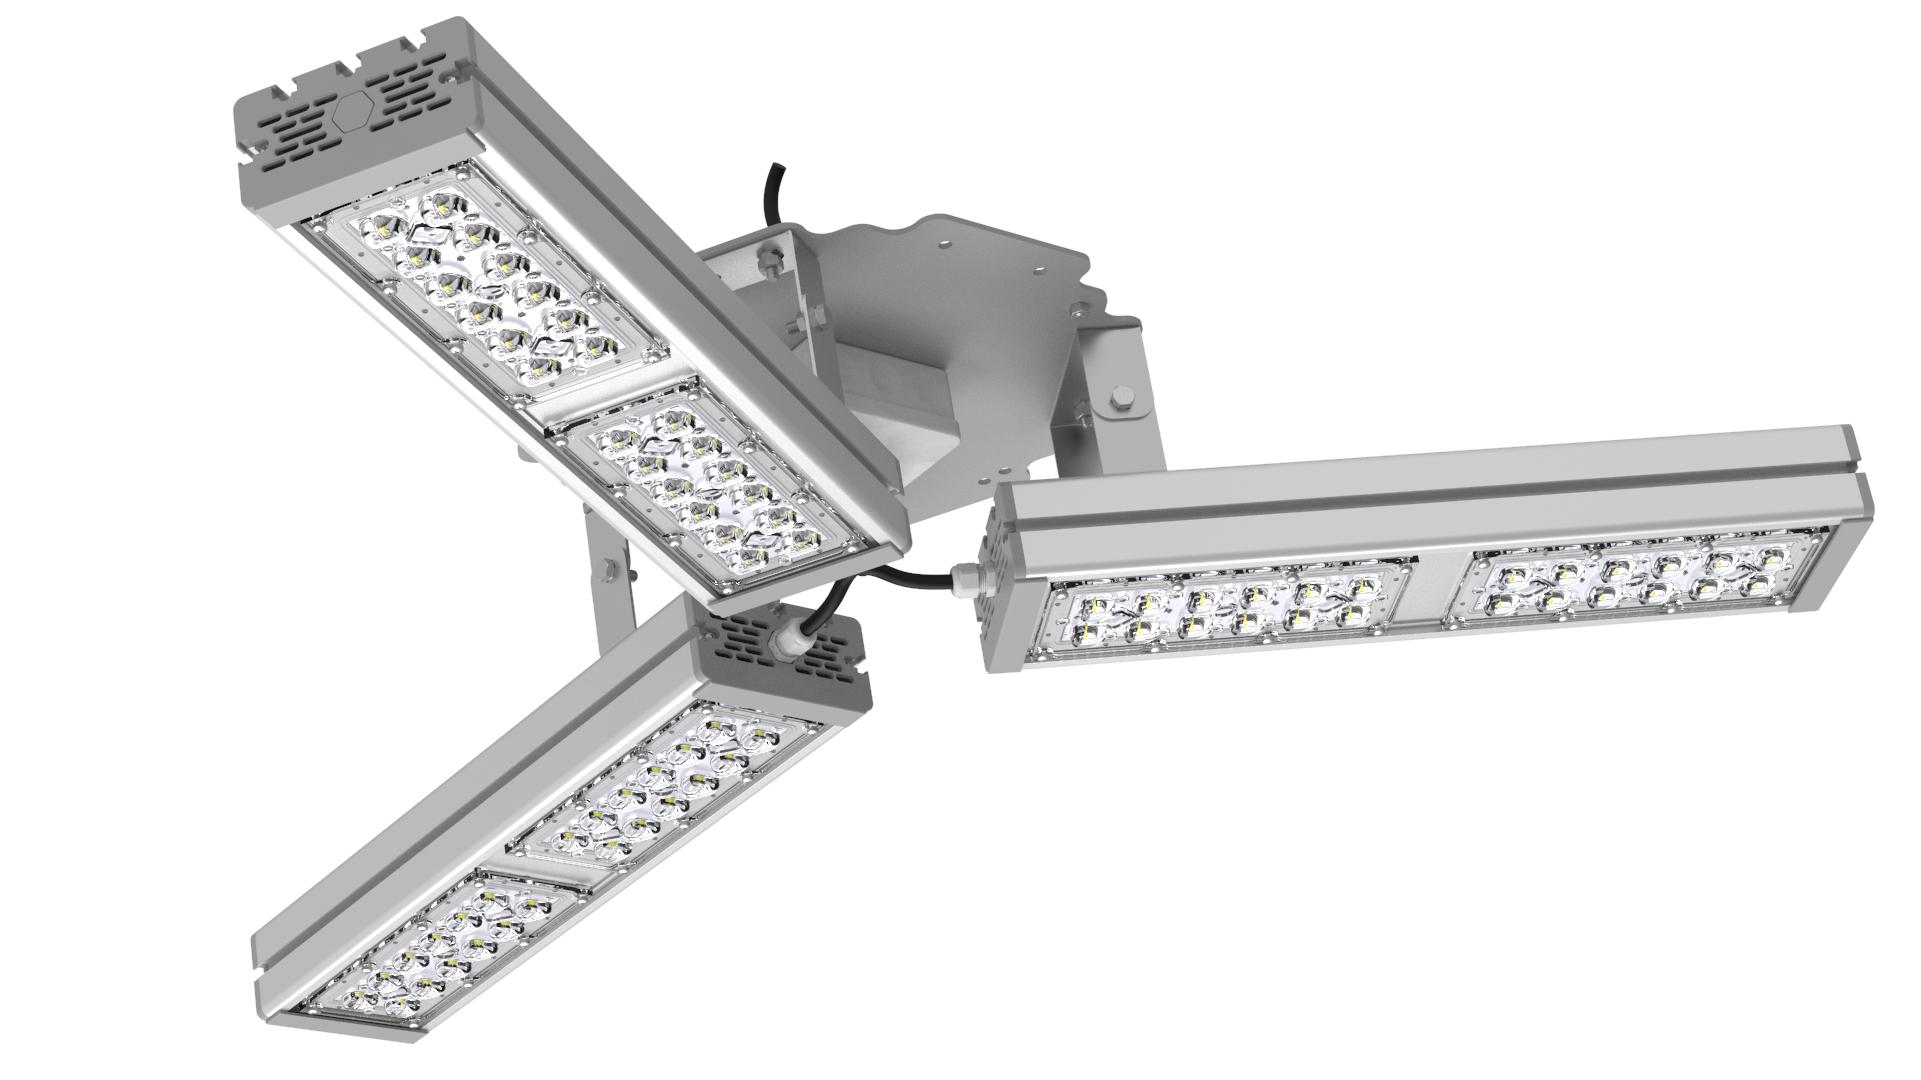 Светильник подвесной Ромашка High-Bay SVT-P-FLOWER-159Вт-58 (с защитой от 380В, трос)